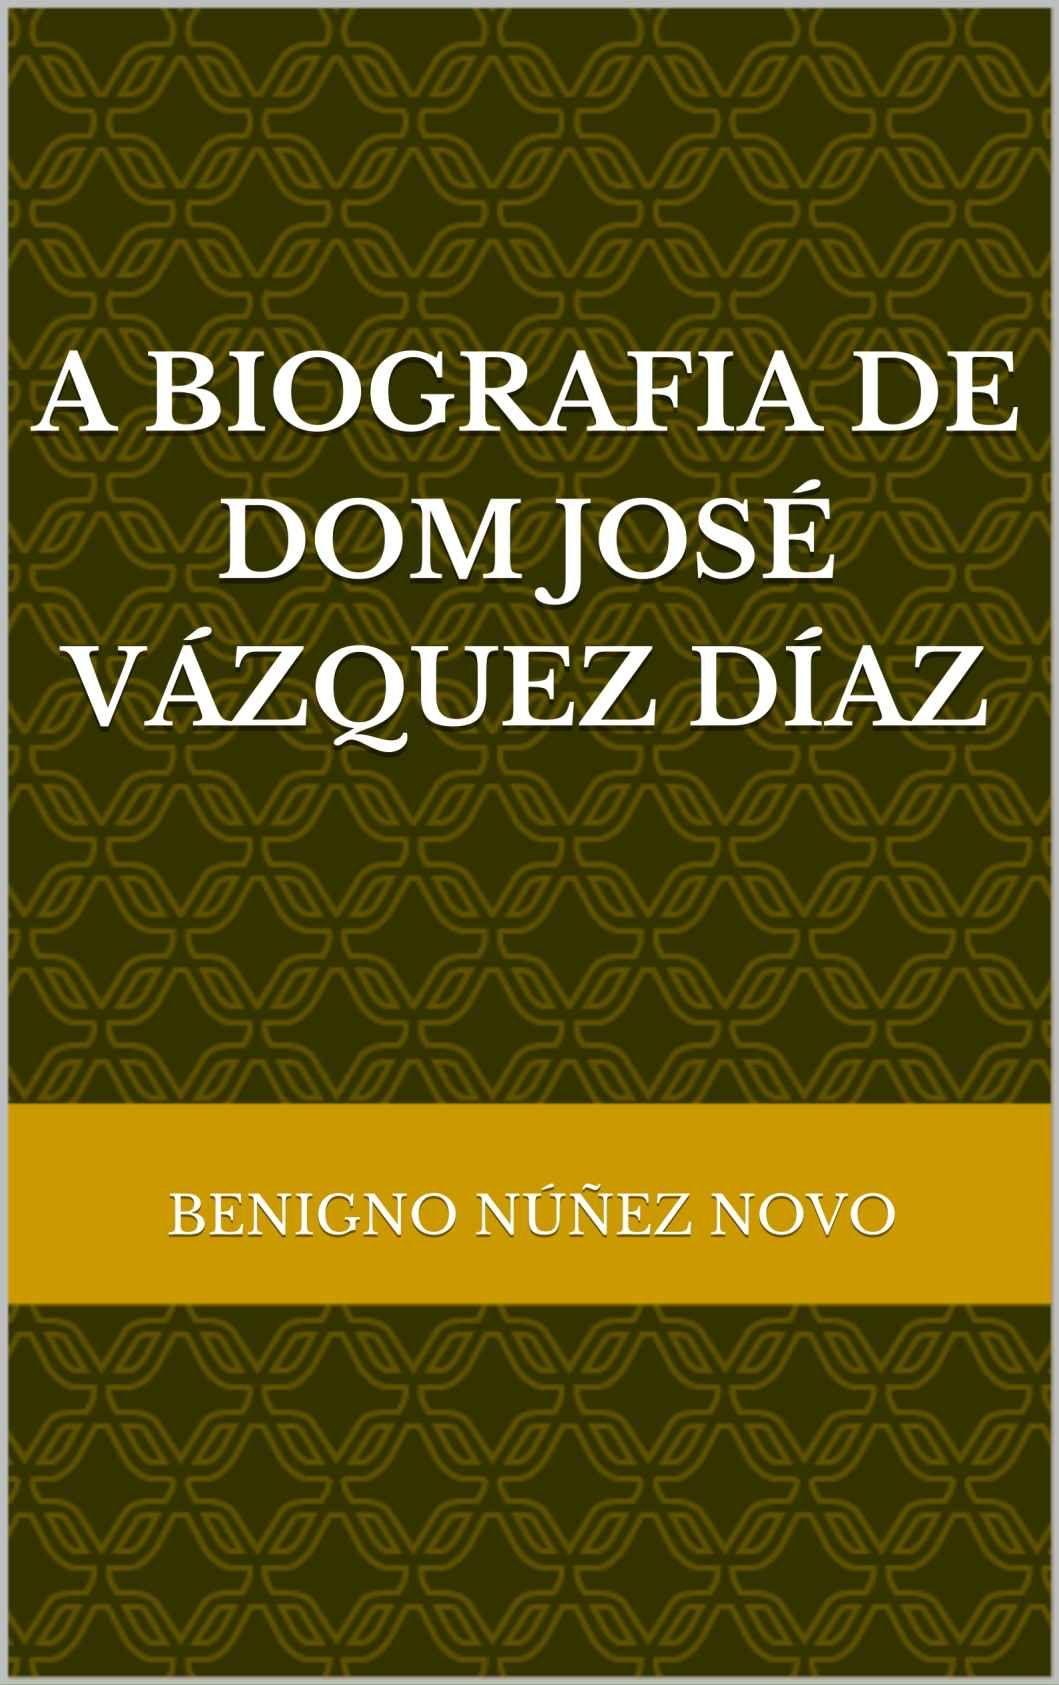 A BIOGRAFIA DE DOM JOSÉ VÁZQUEZ DÍAZ